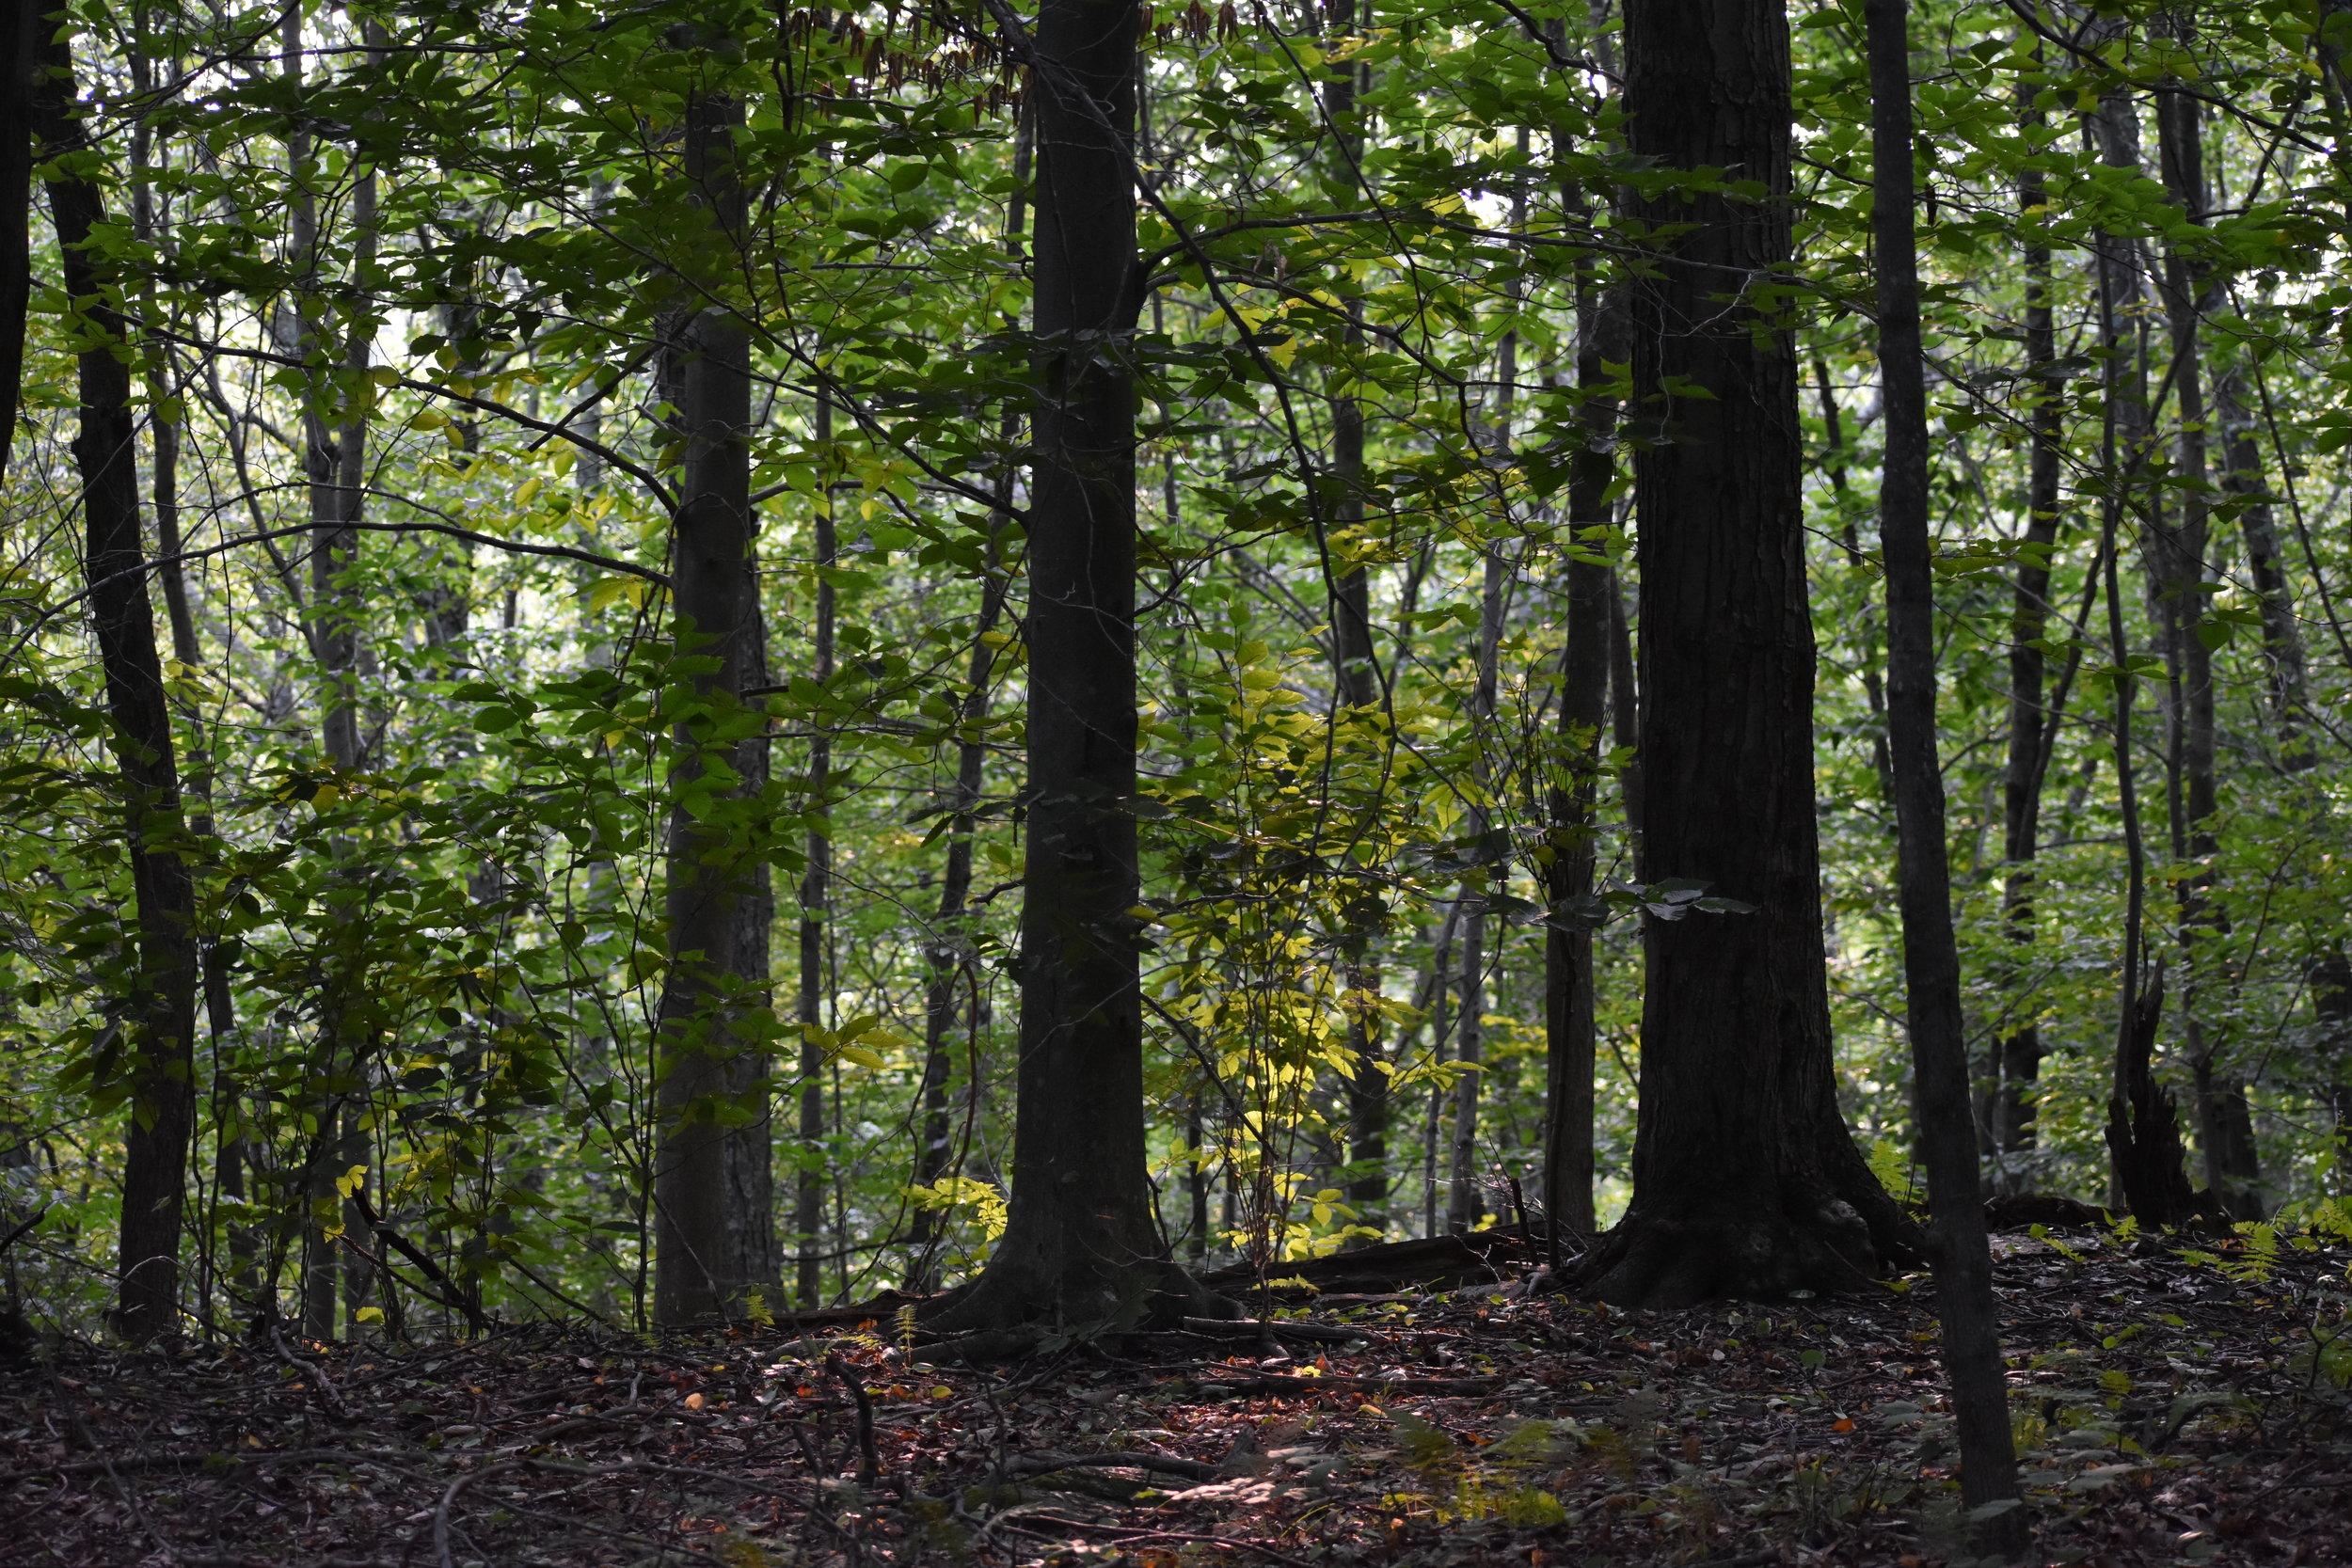 Mature Forest Habitat